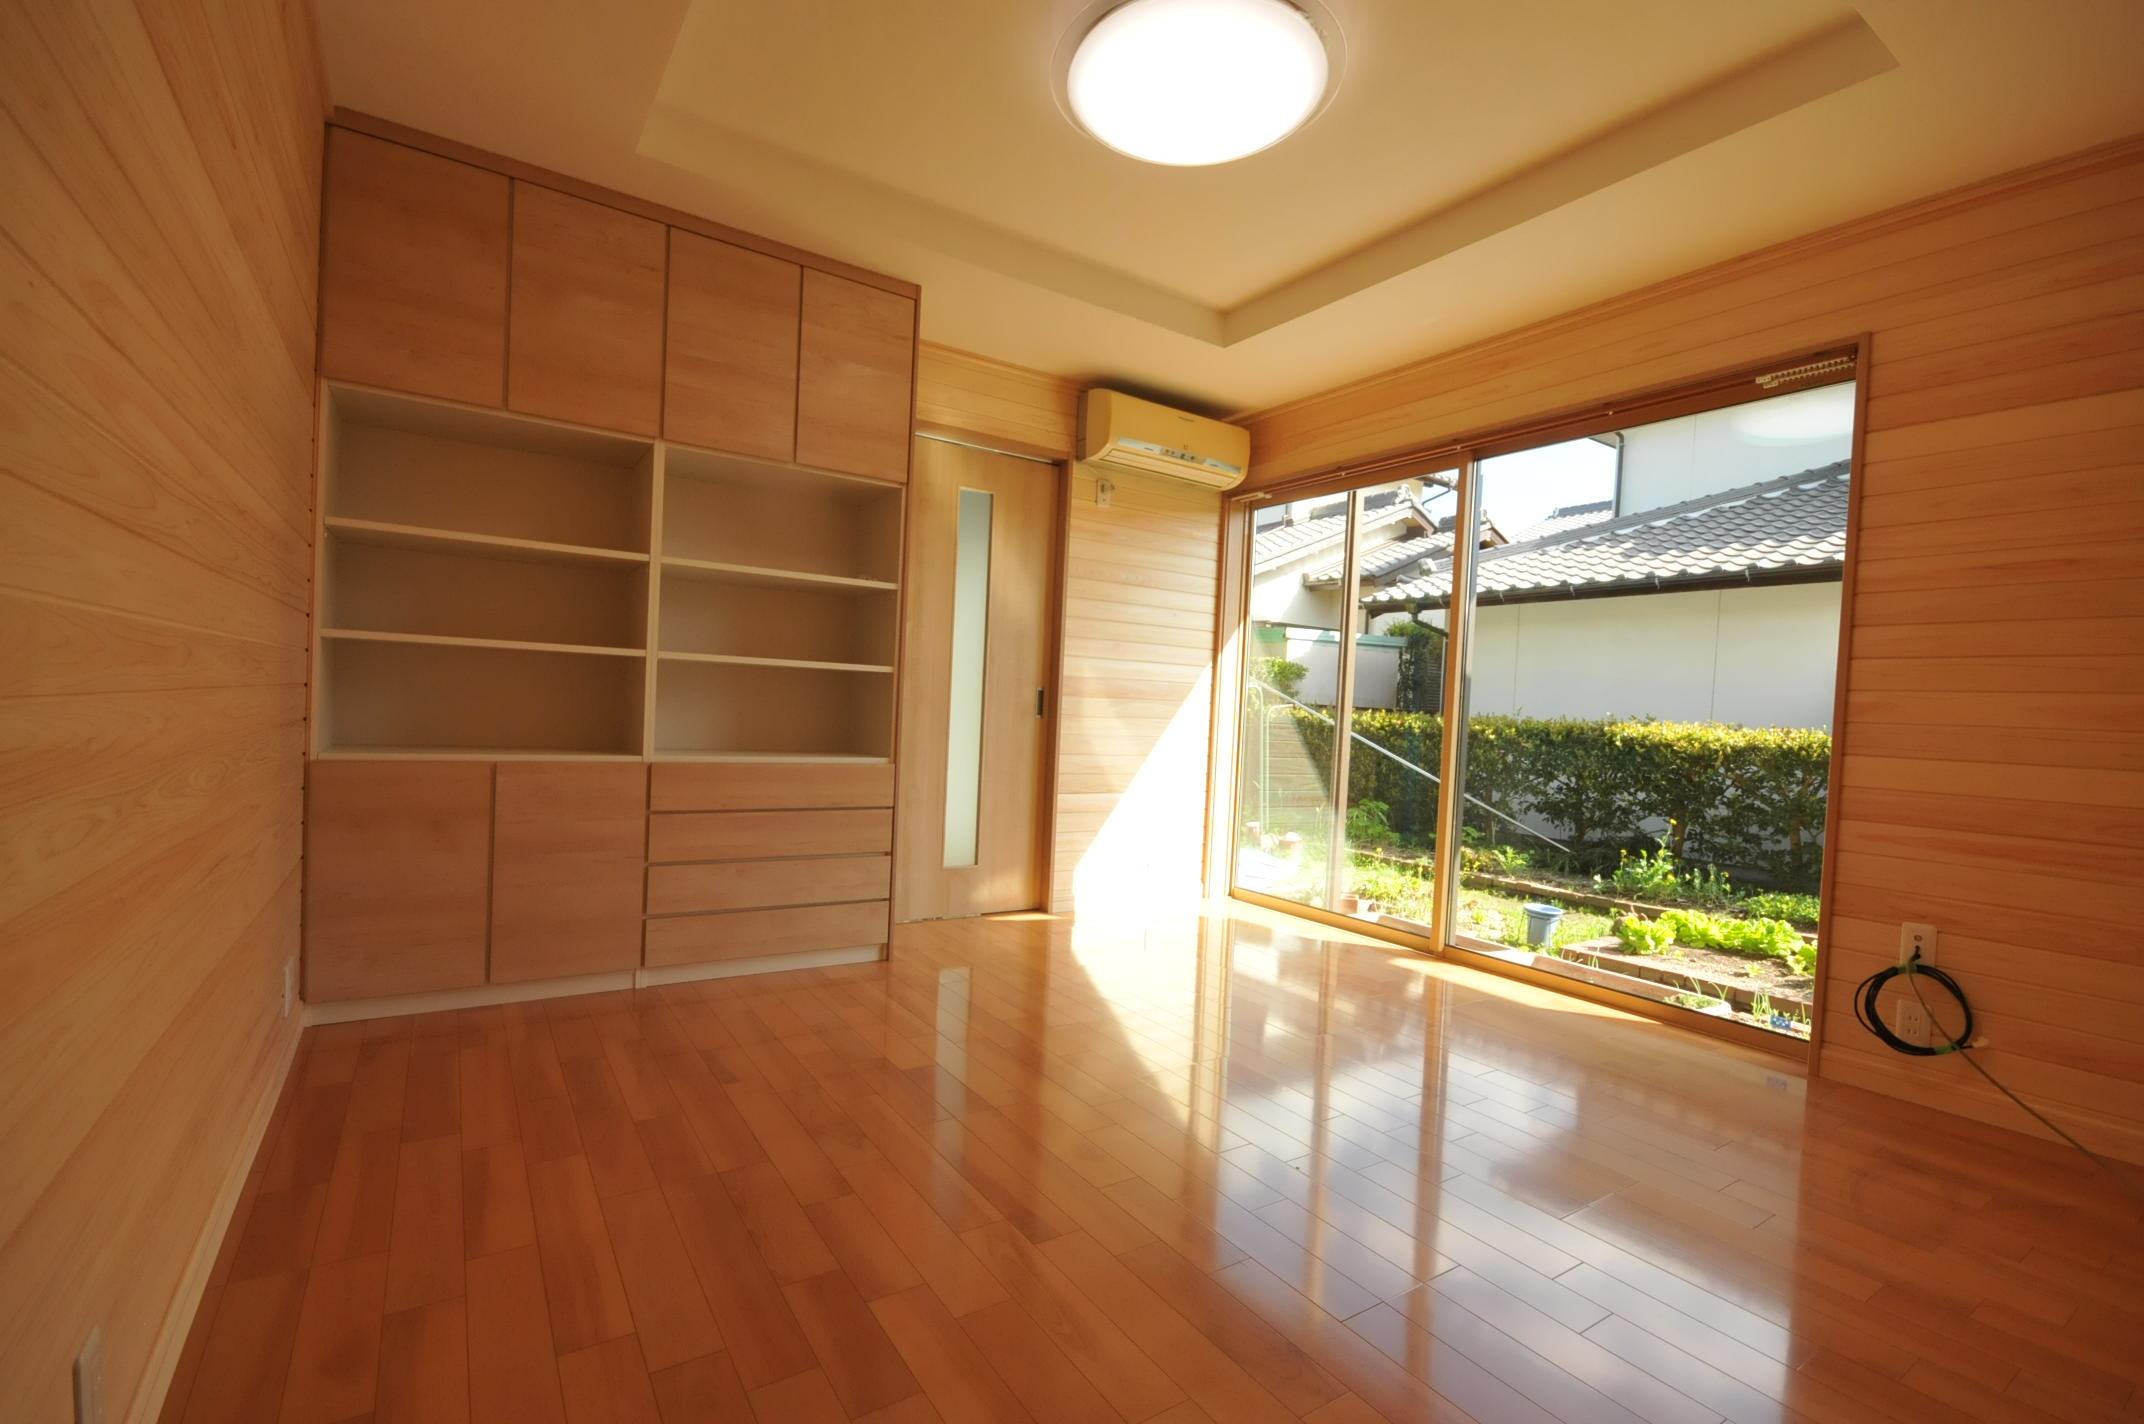 【居間】床には高性能断熱材充填・サッシ交換・壁の仕上げ材は無垢のヒノキ羽目板。パナソニック製の収納棚設置。